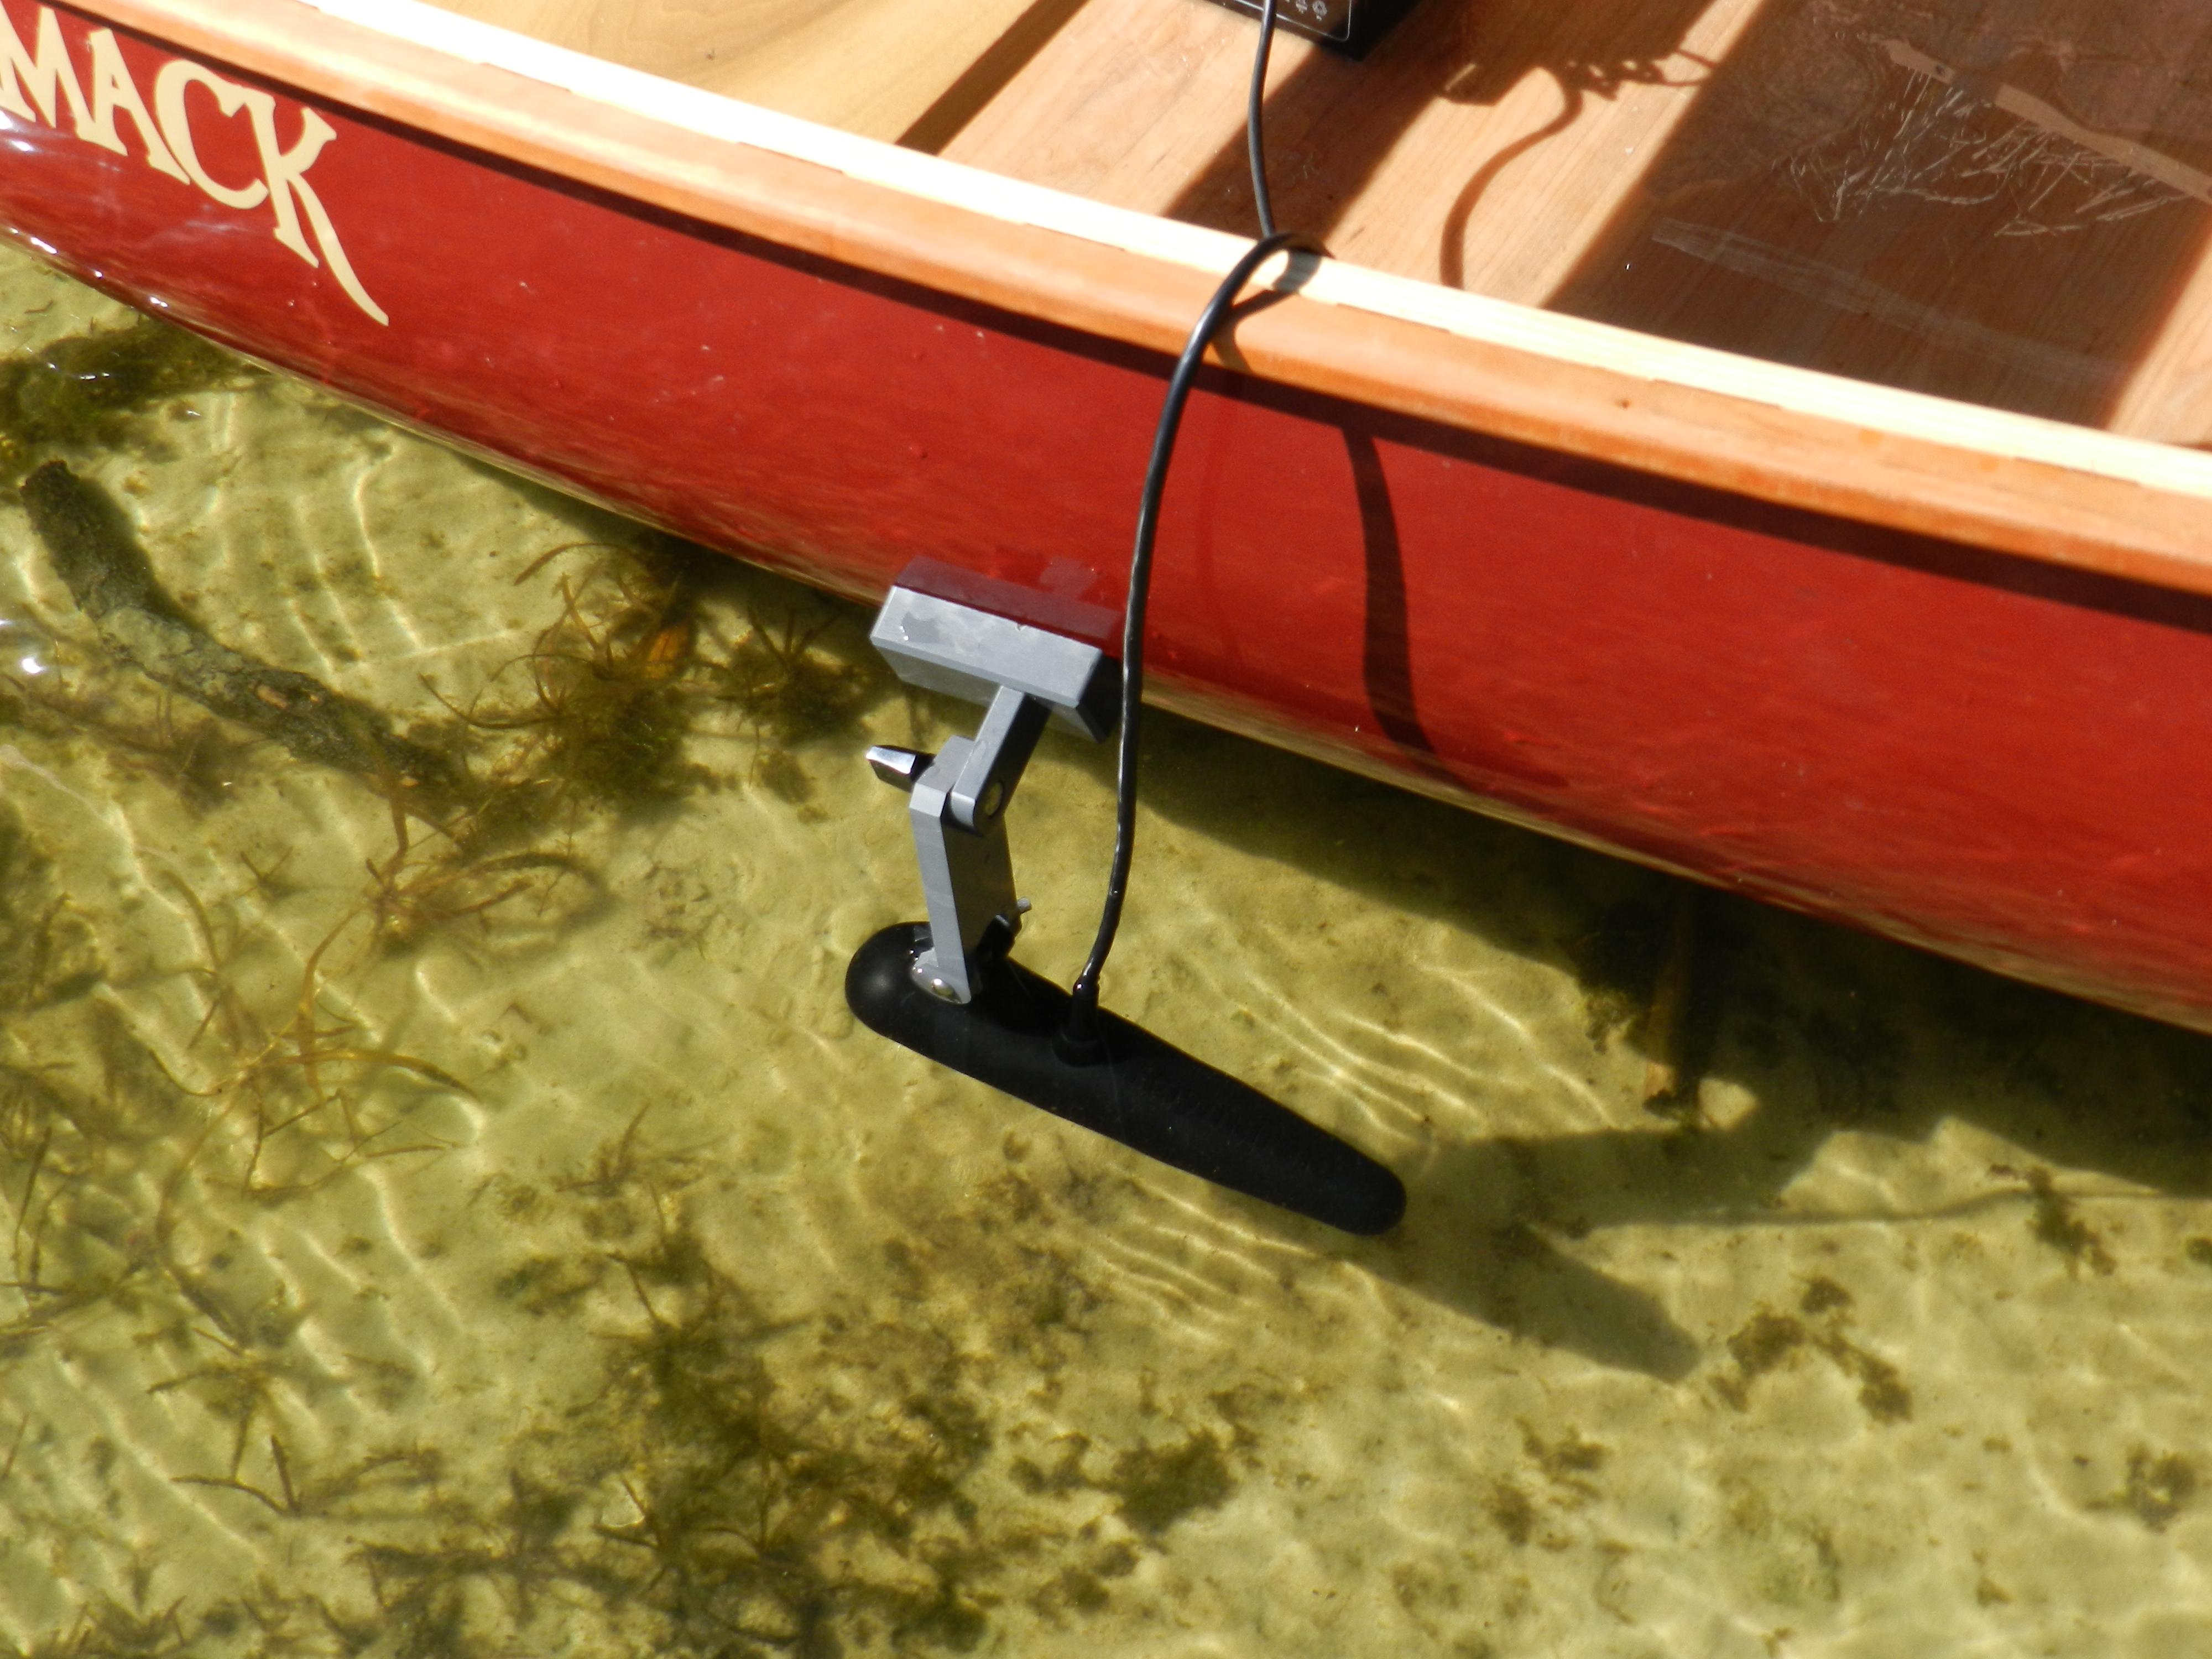 Raymarine 6 transducer on canoe